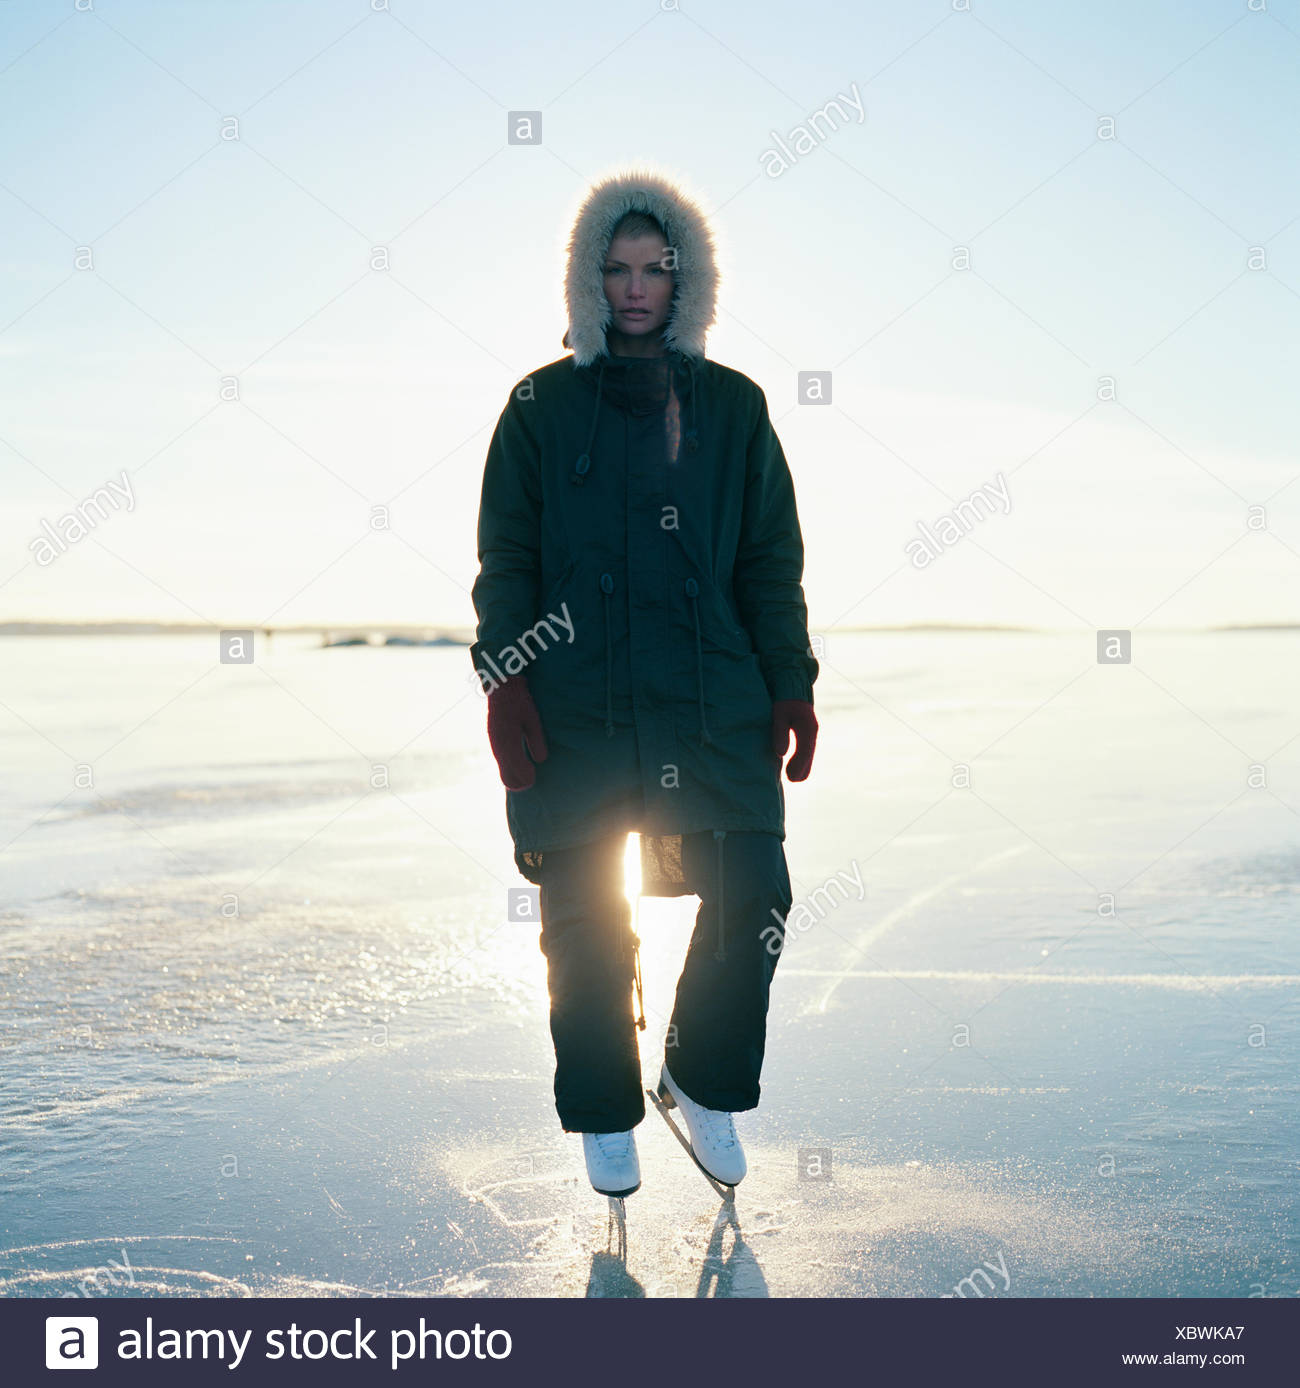 La Svezia, Uppland, Varmdo, Bjorno, metà donna adulta in pattini da ghiaccio in piedi sul lago ghiacciato Immagini Stock